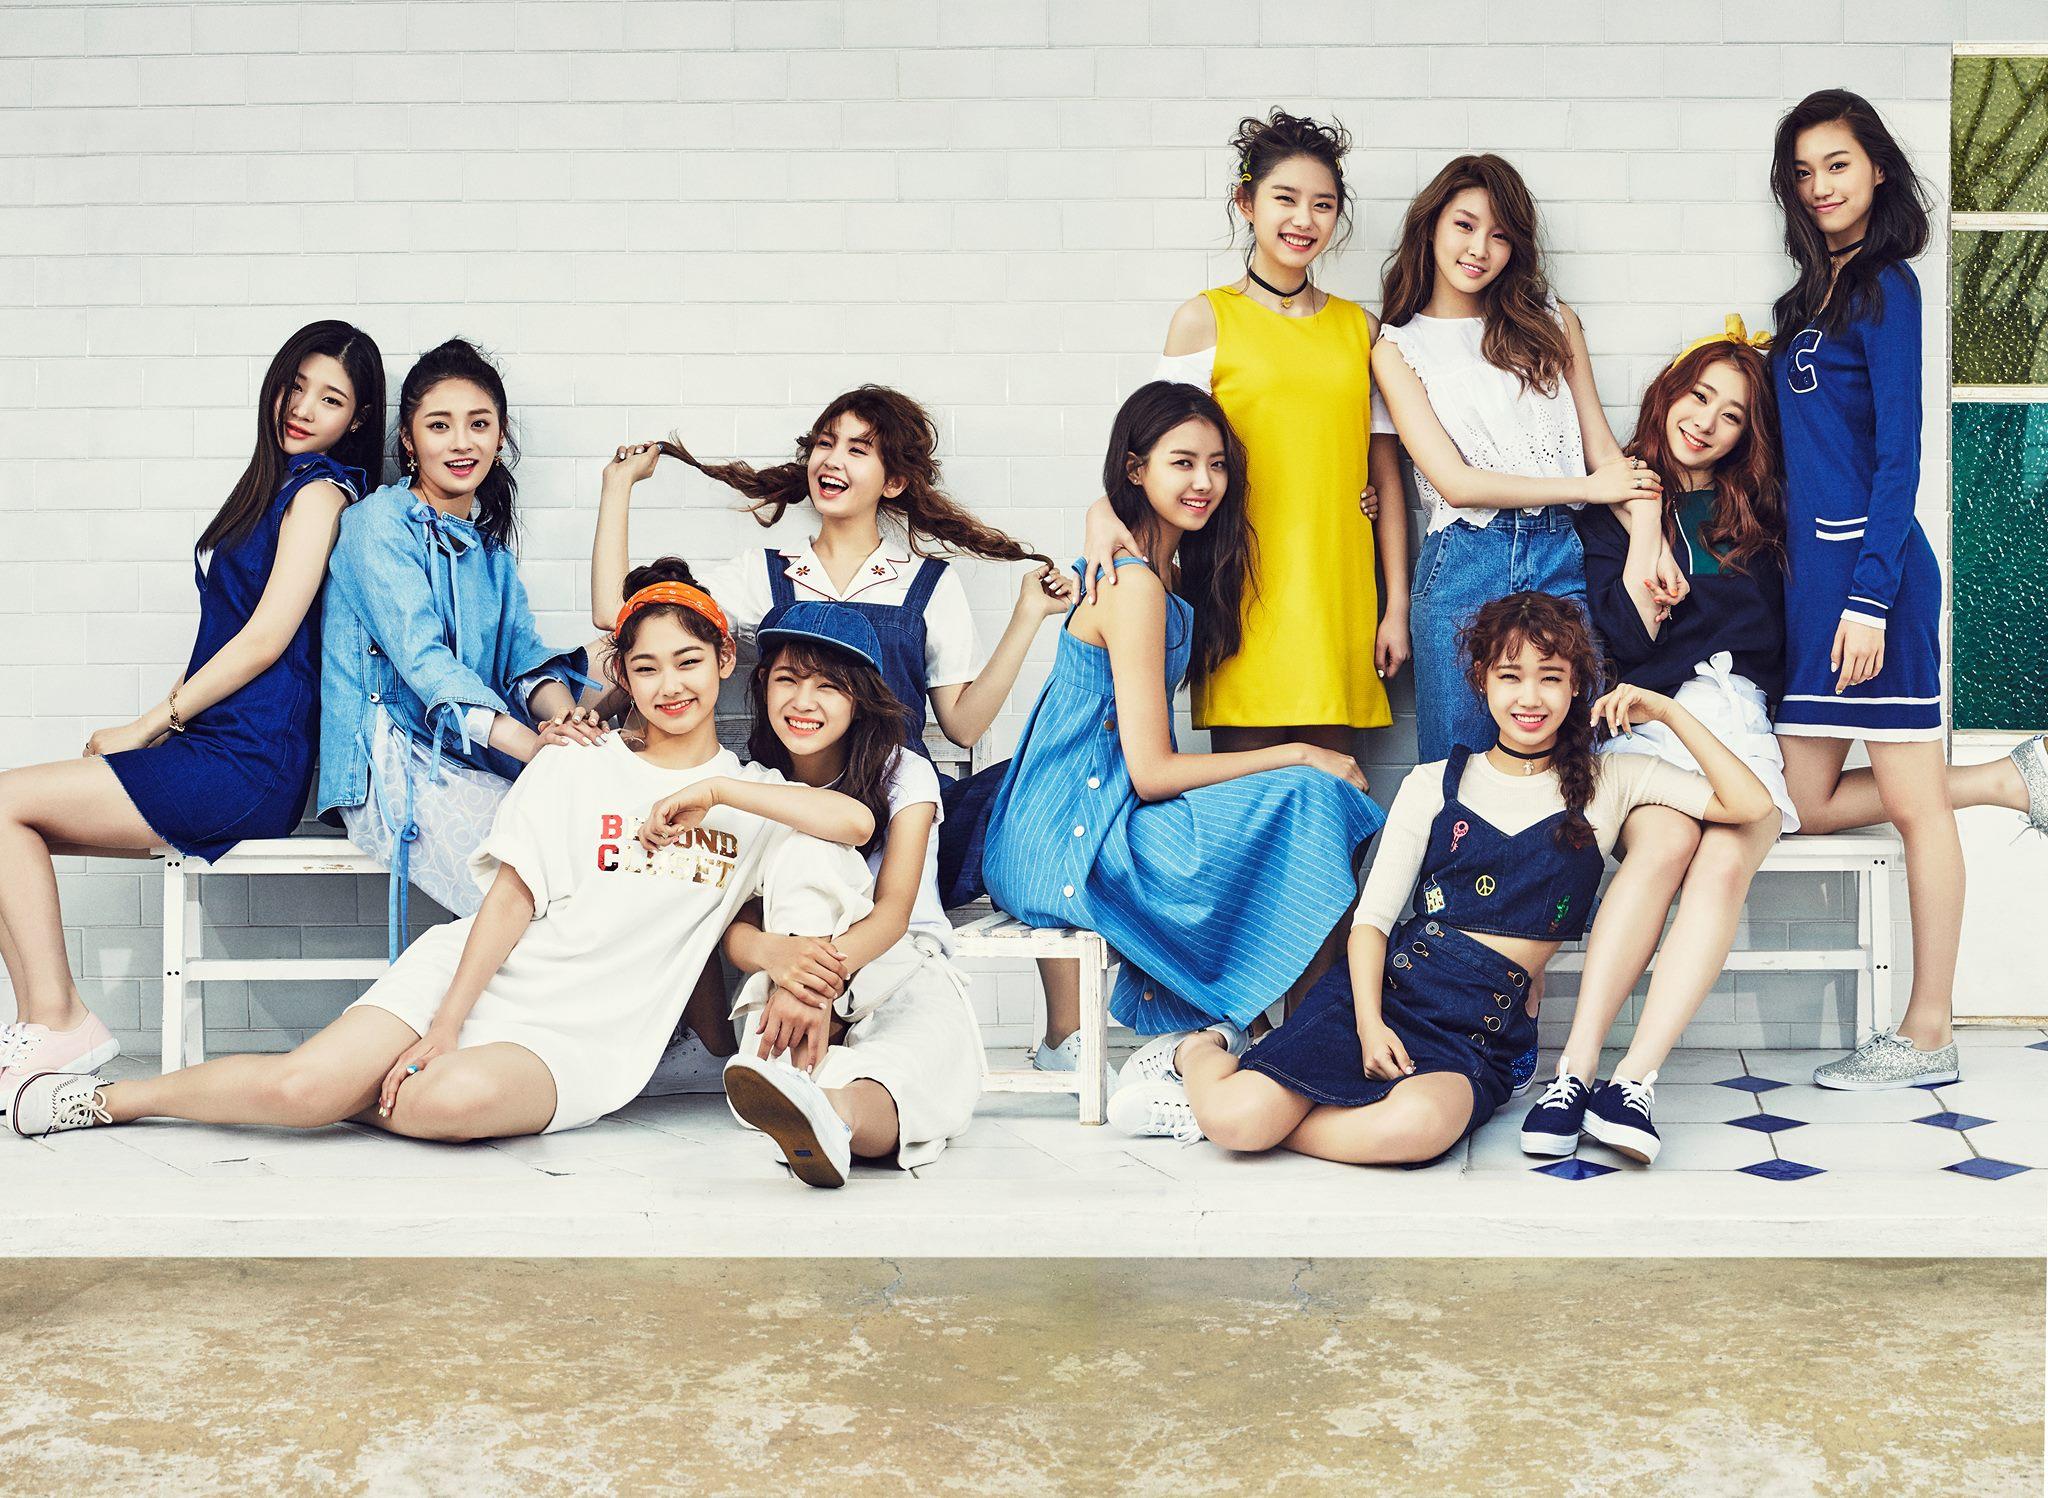 Image: I.O.I / YMC Entertainment